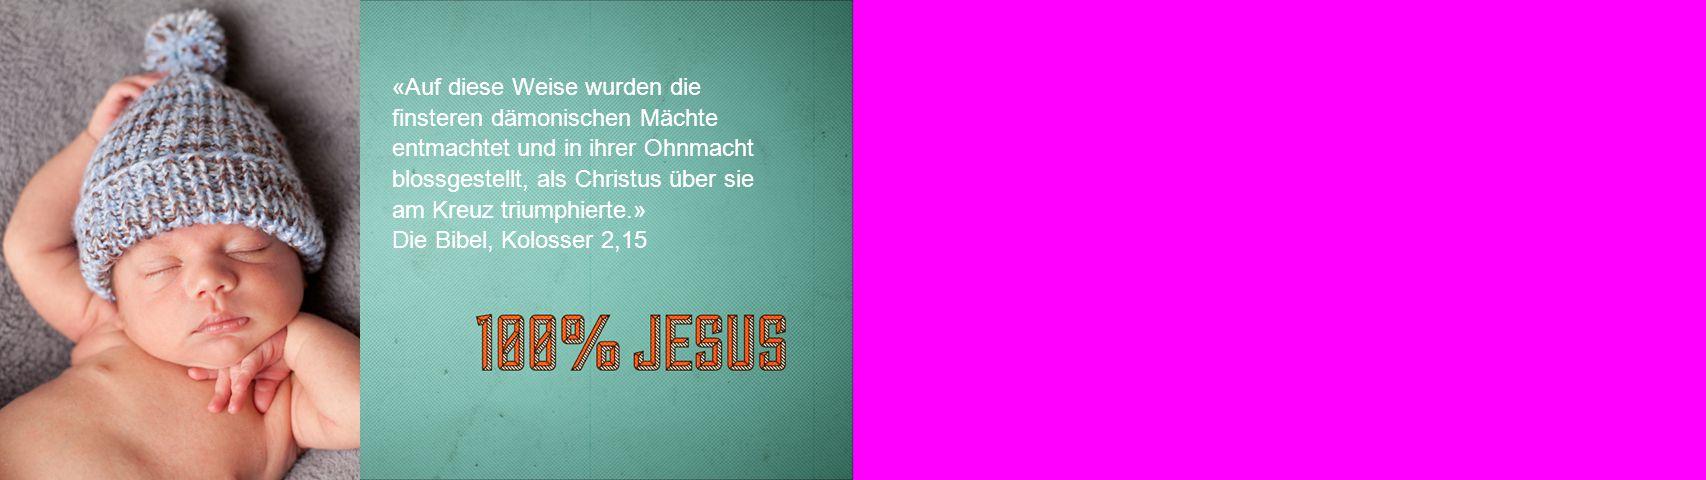 «Auf diese Weise wurden die finsteren dämonischen Mächte entmachtet und in ihrer Ohnmacht blossgestellt, als Christus über sie am Kreuz triumphierte.»